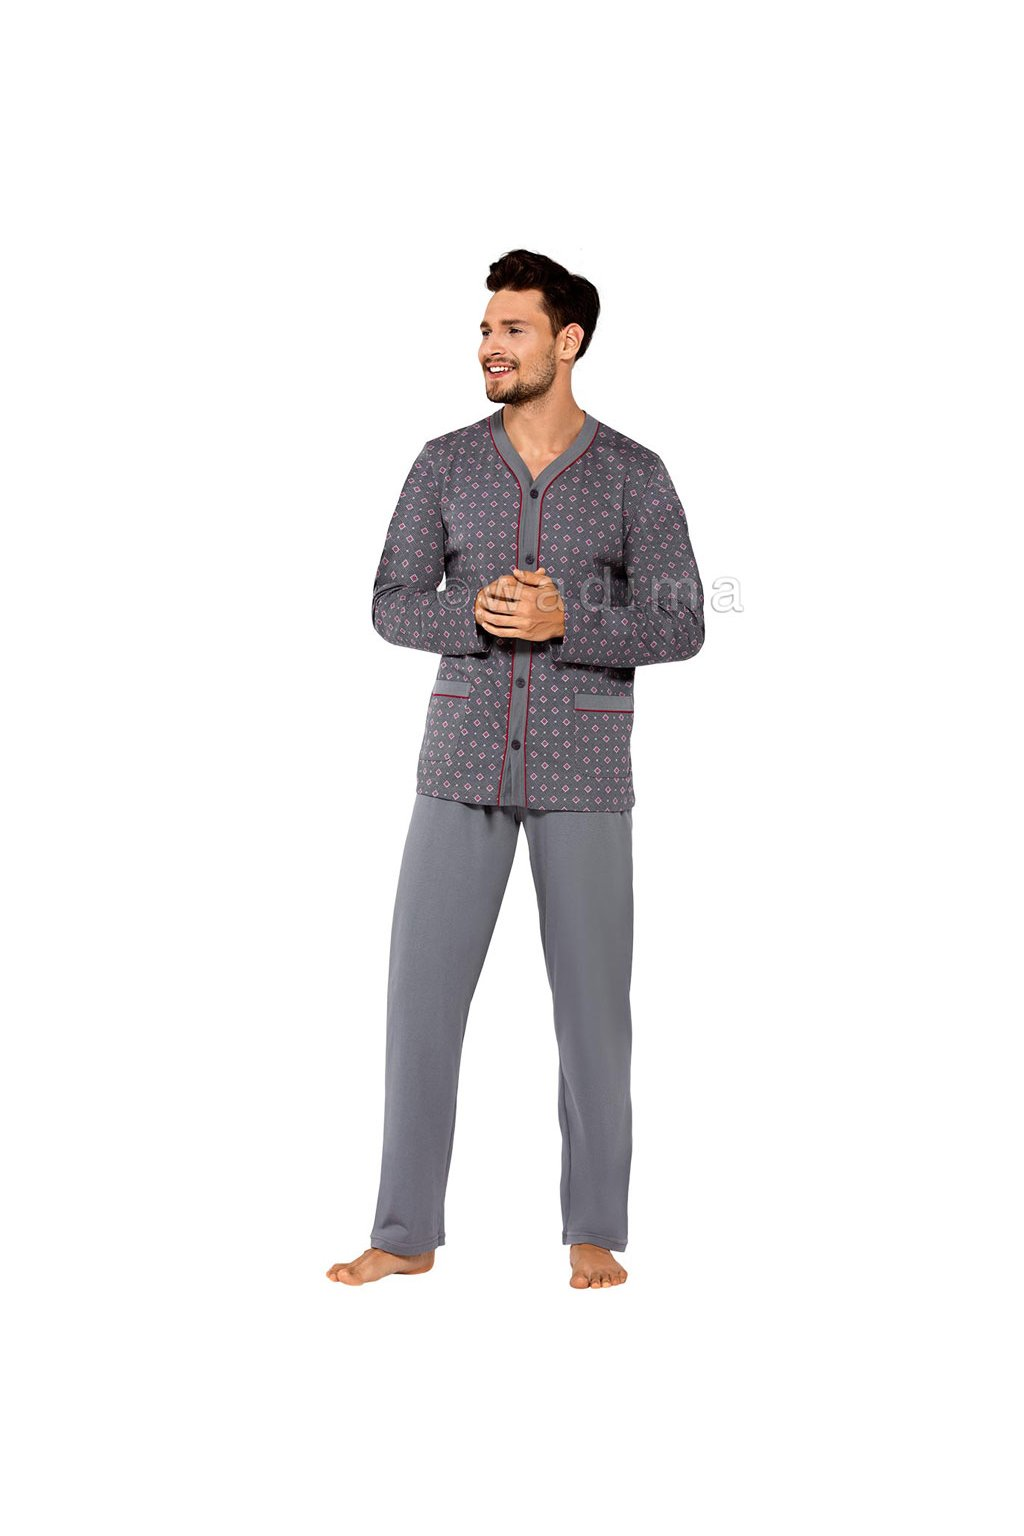 Pánské pyžamo s dlouhým rukávem, 20491 295, grafitová